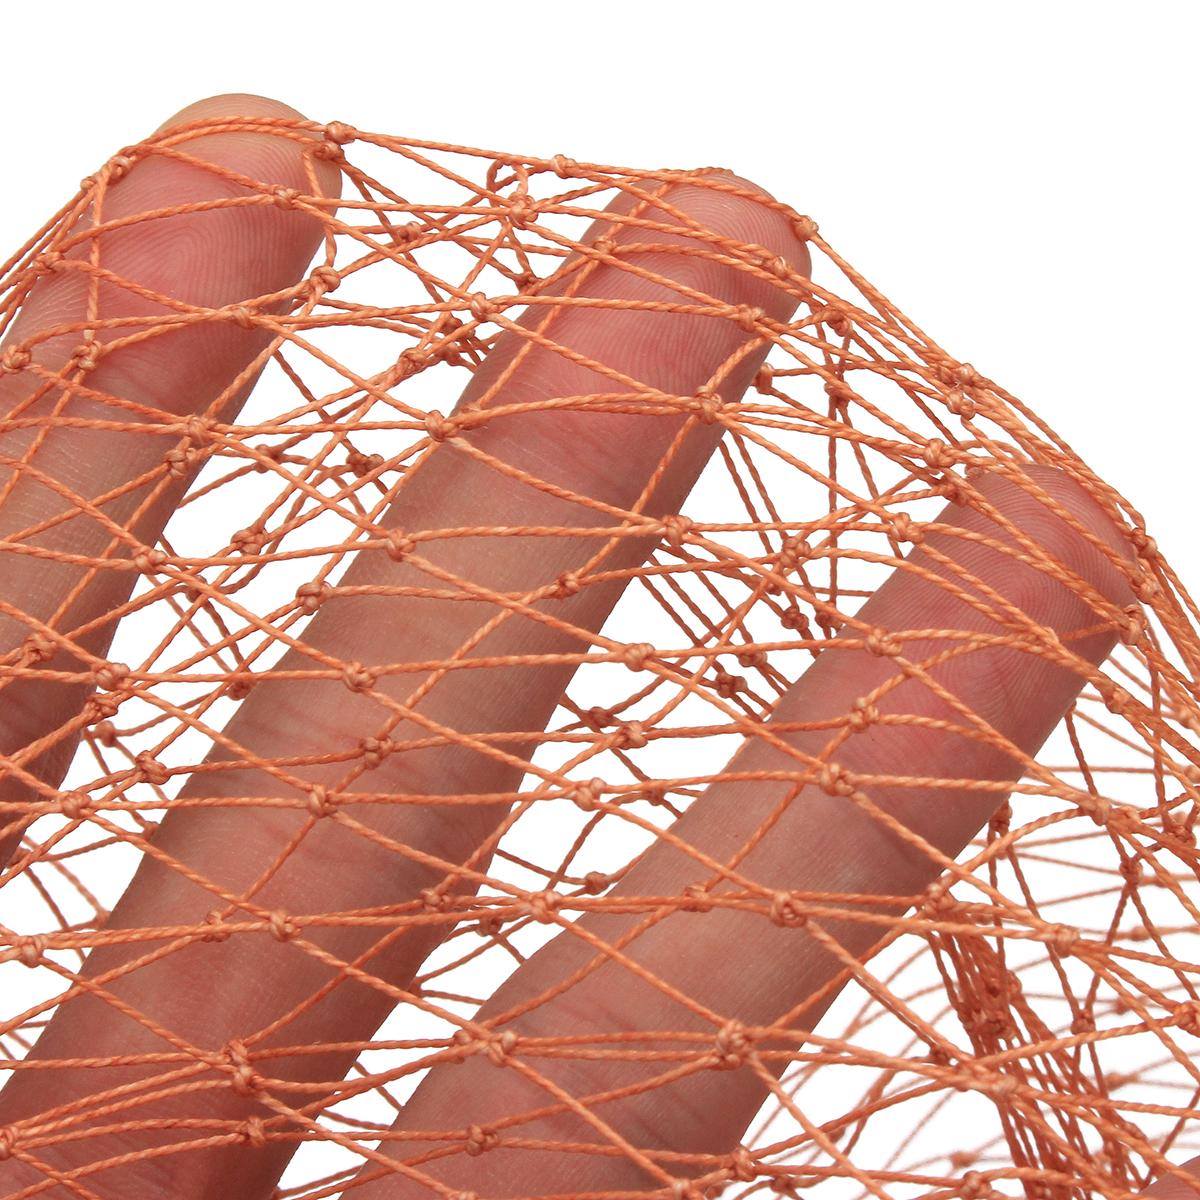 Filet de p/êche en Nylon Filet pour app/âts avec Corde de la Main 8 m Zoternen 2,4 m//3,6 m//4,8 m Filet de p/êche de Lancement de la Main Maille de 0,5 Petit Doigt 2.4m